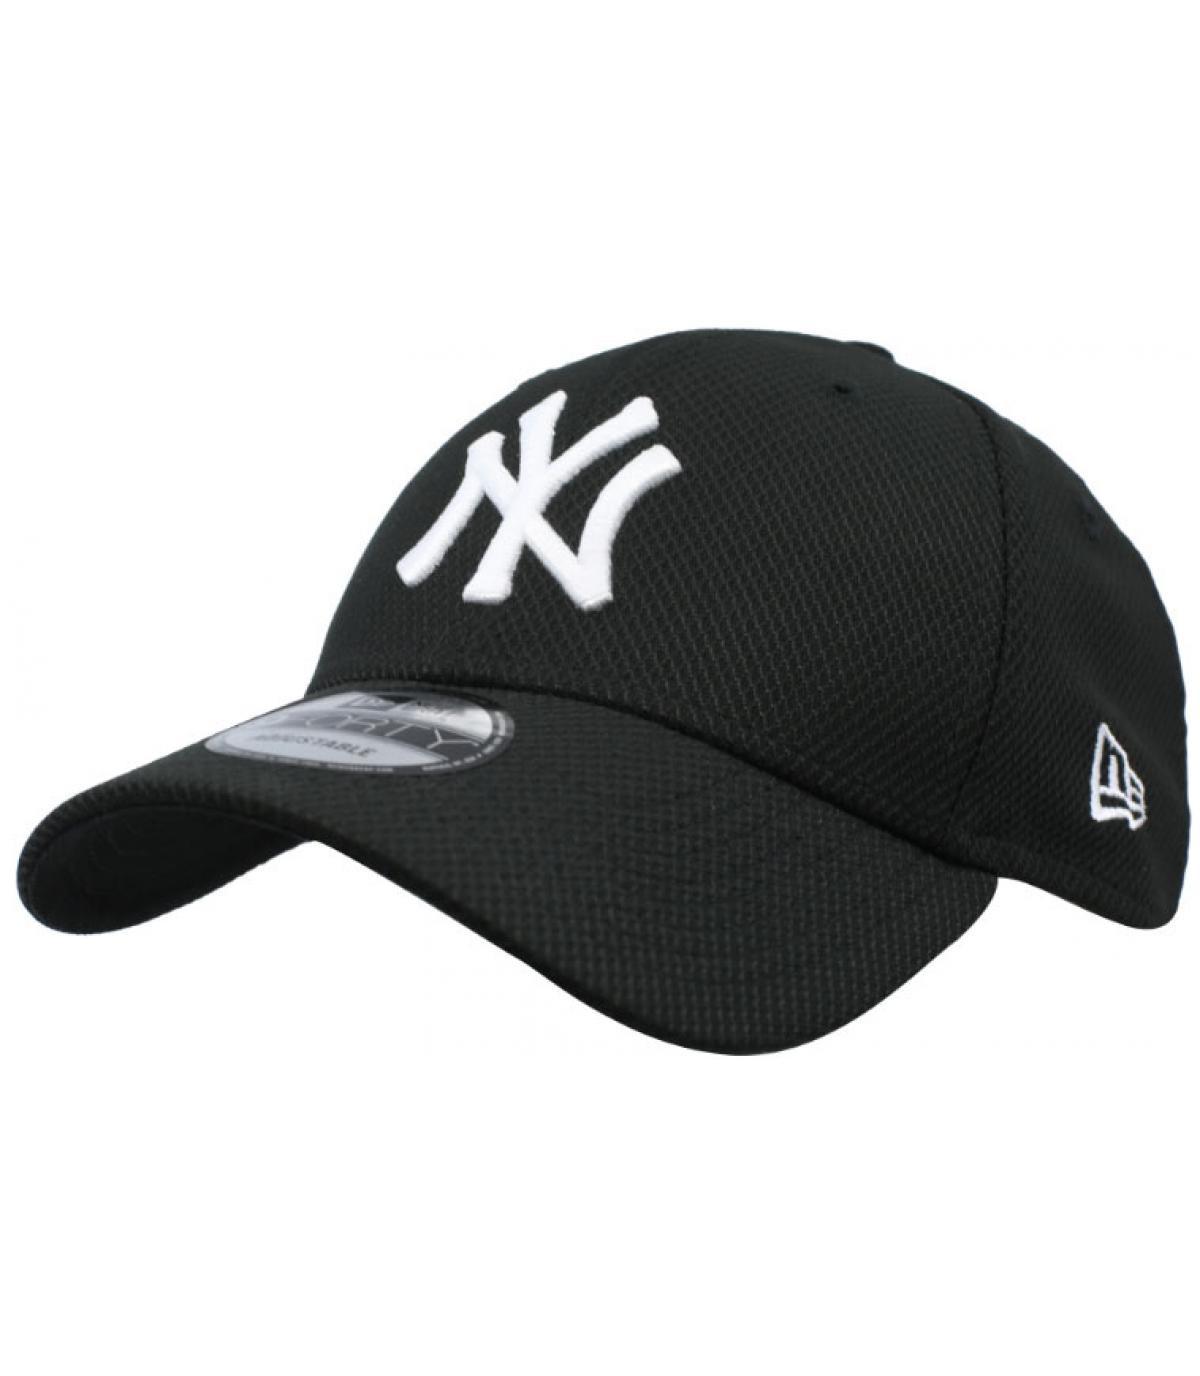 NY Diamond zwarte pet